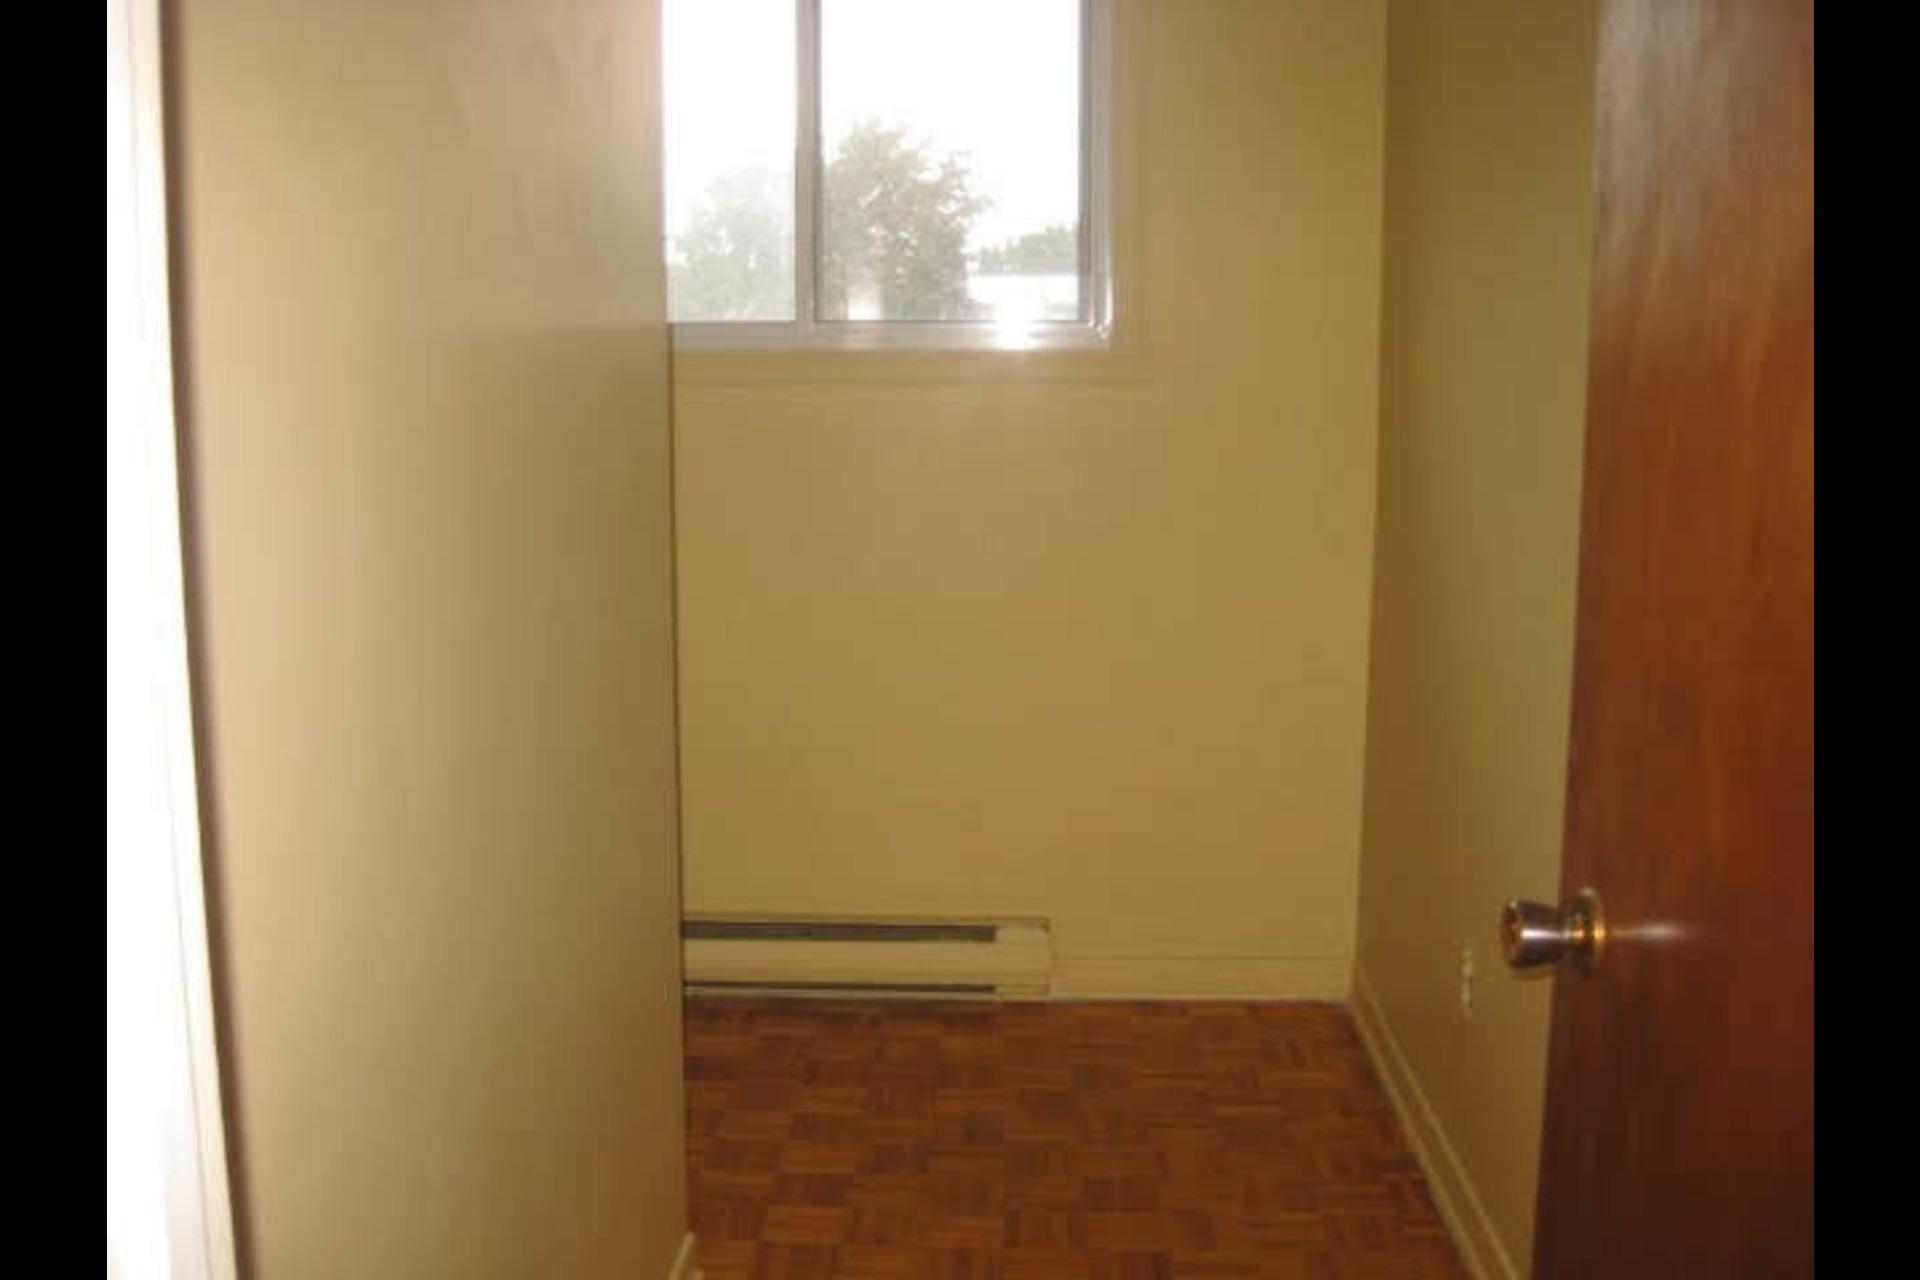 image 2 - Appartement À louer Montréal Rivière-des-Prairies - 5 pièces